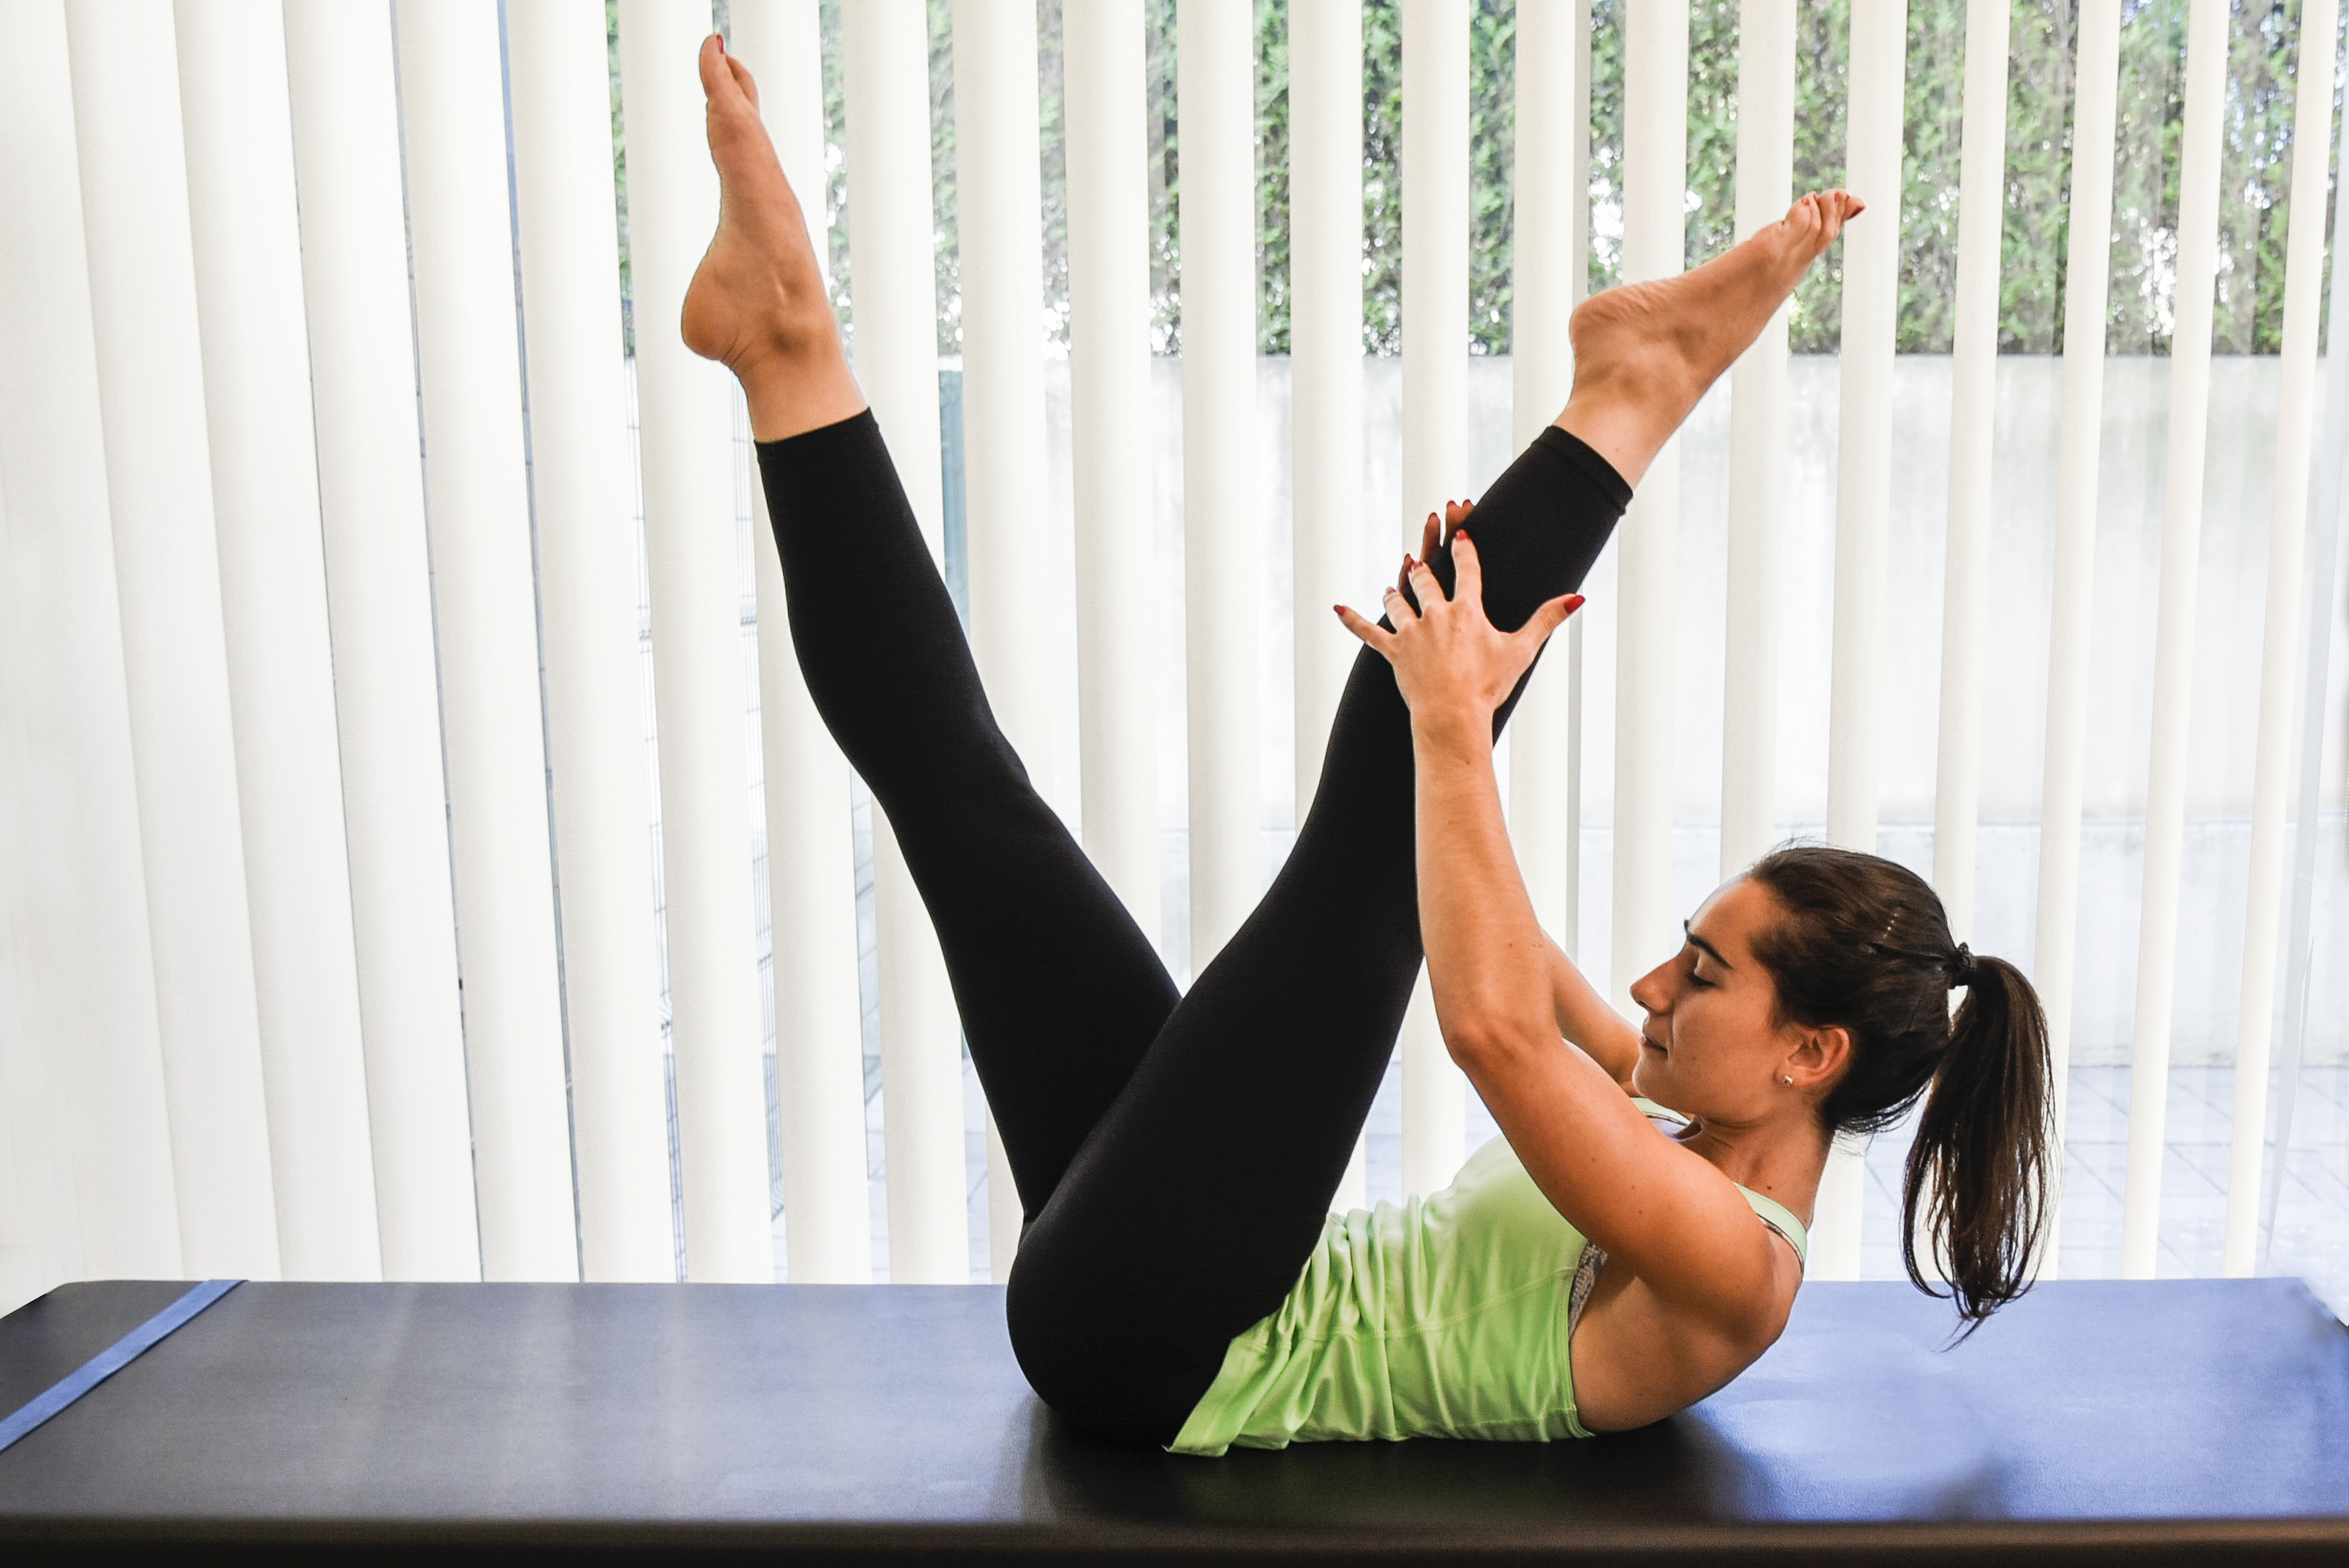 exercicios pilates scissors - pernas esticadas forma de tesoura